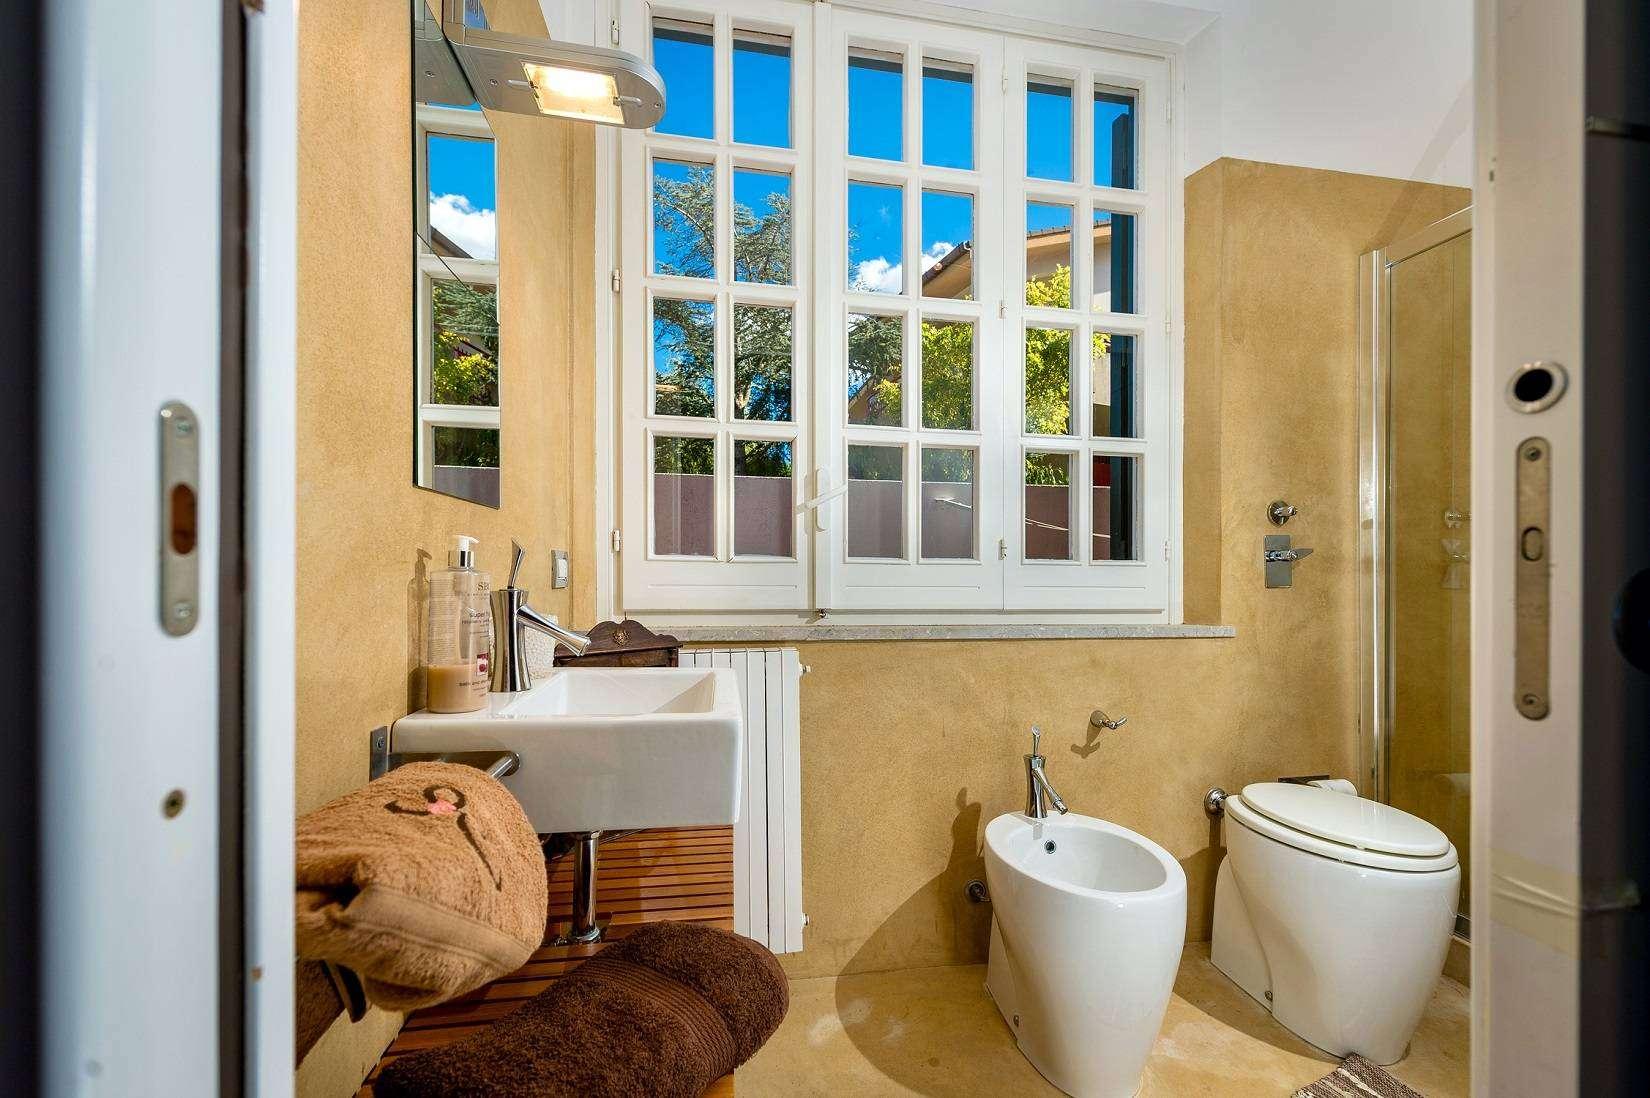 14 Dei Mori bathroom